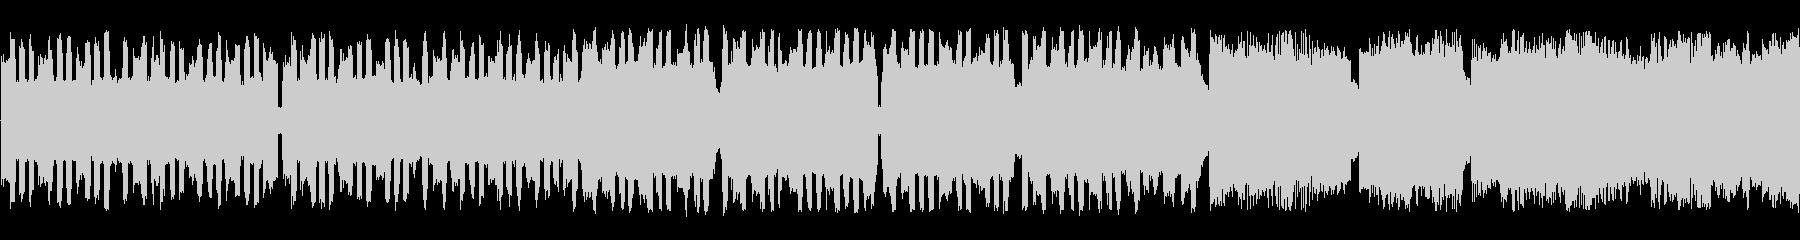 のんびり軽快なチップチューンサウンドの未再生の波形